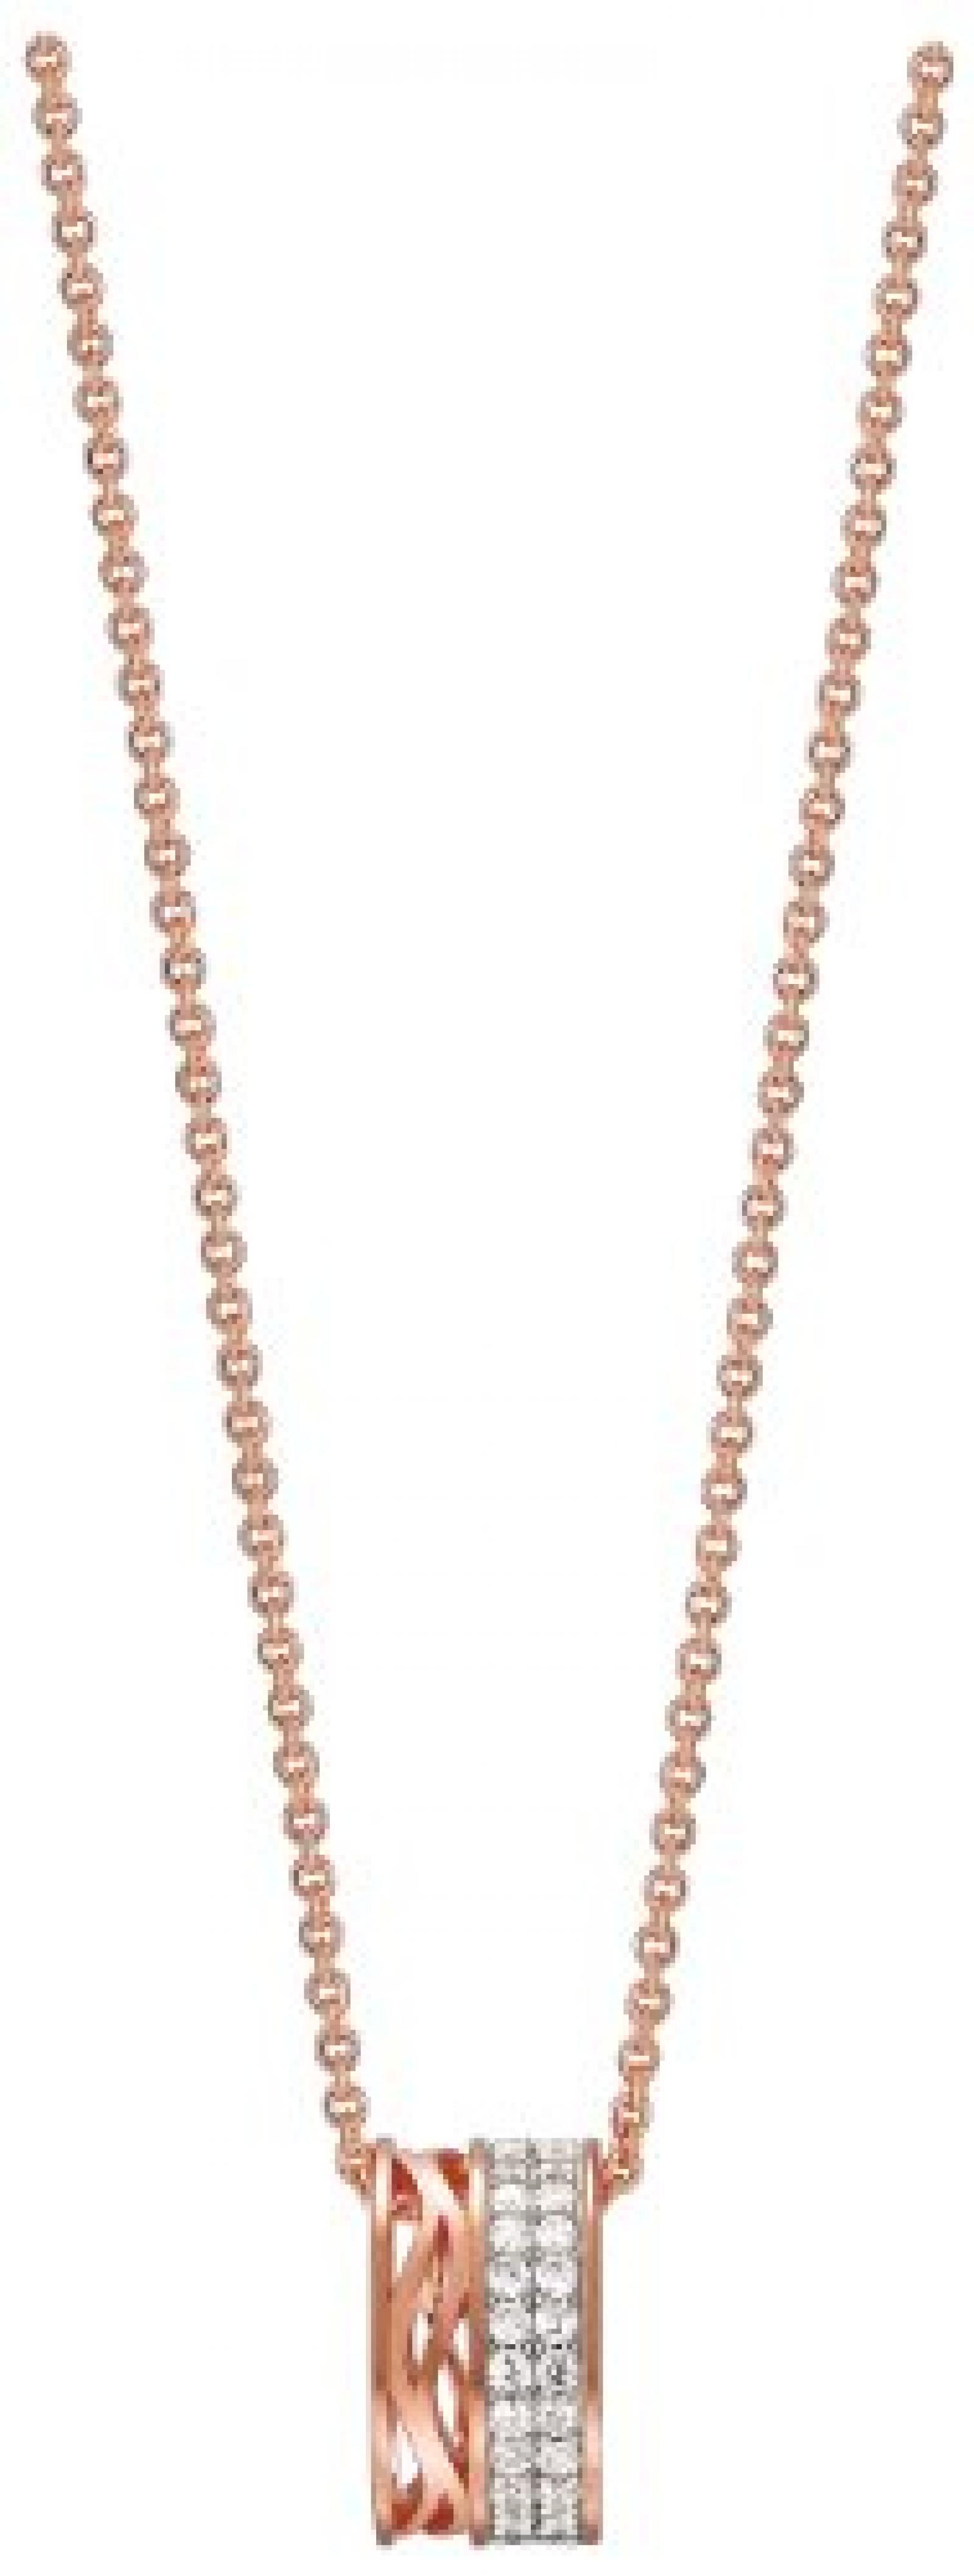 Pierre Cardin Damen-Kette Vague Mousseux 925 Sterling Silber 45 cm PCNL90435C420